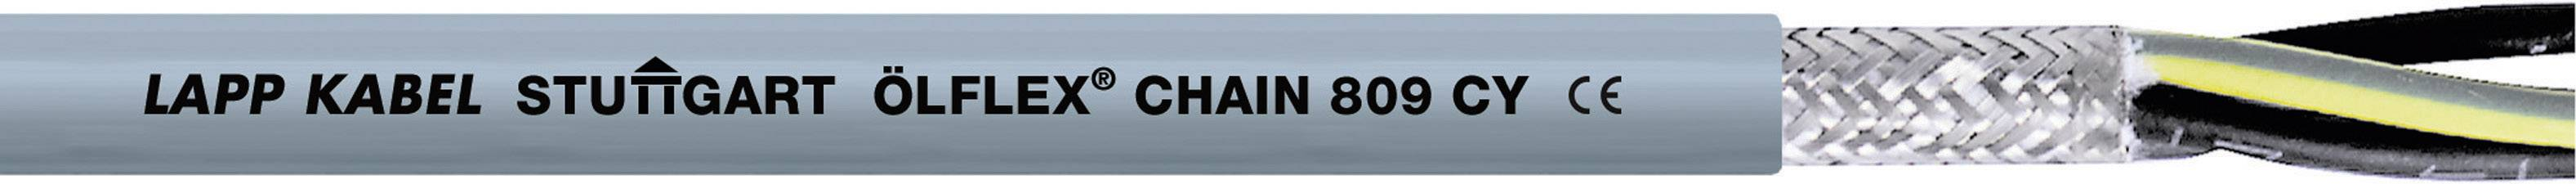 Žíla kabelu LappKabel ÖLFLEX CHAIN 809 CY 12G0,5 (1026756), 12x 0,5 mm², PVC, Ø 10 mm, stíněný, 50 m, šedá